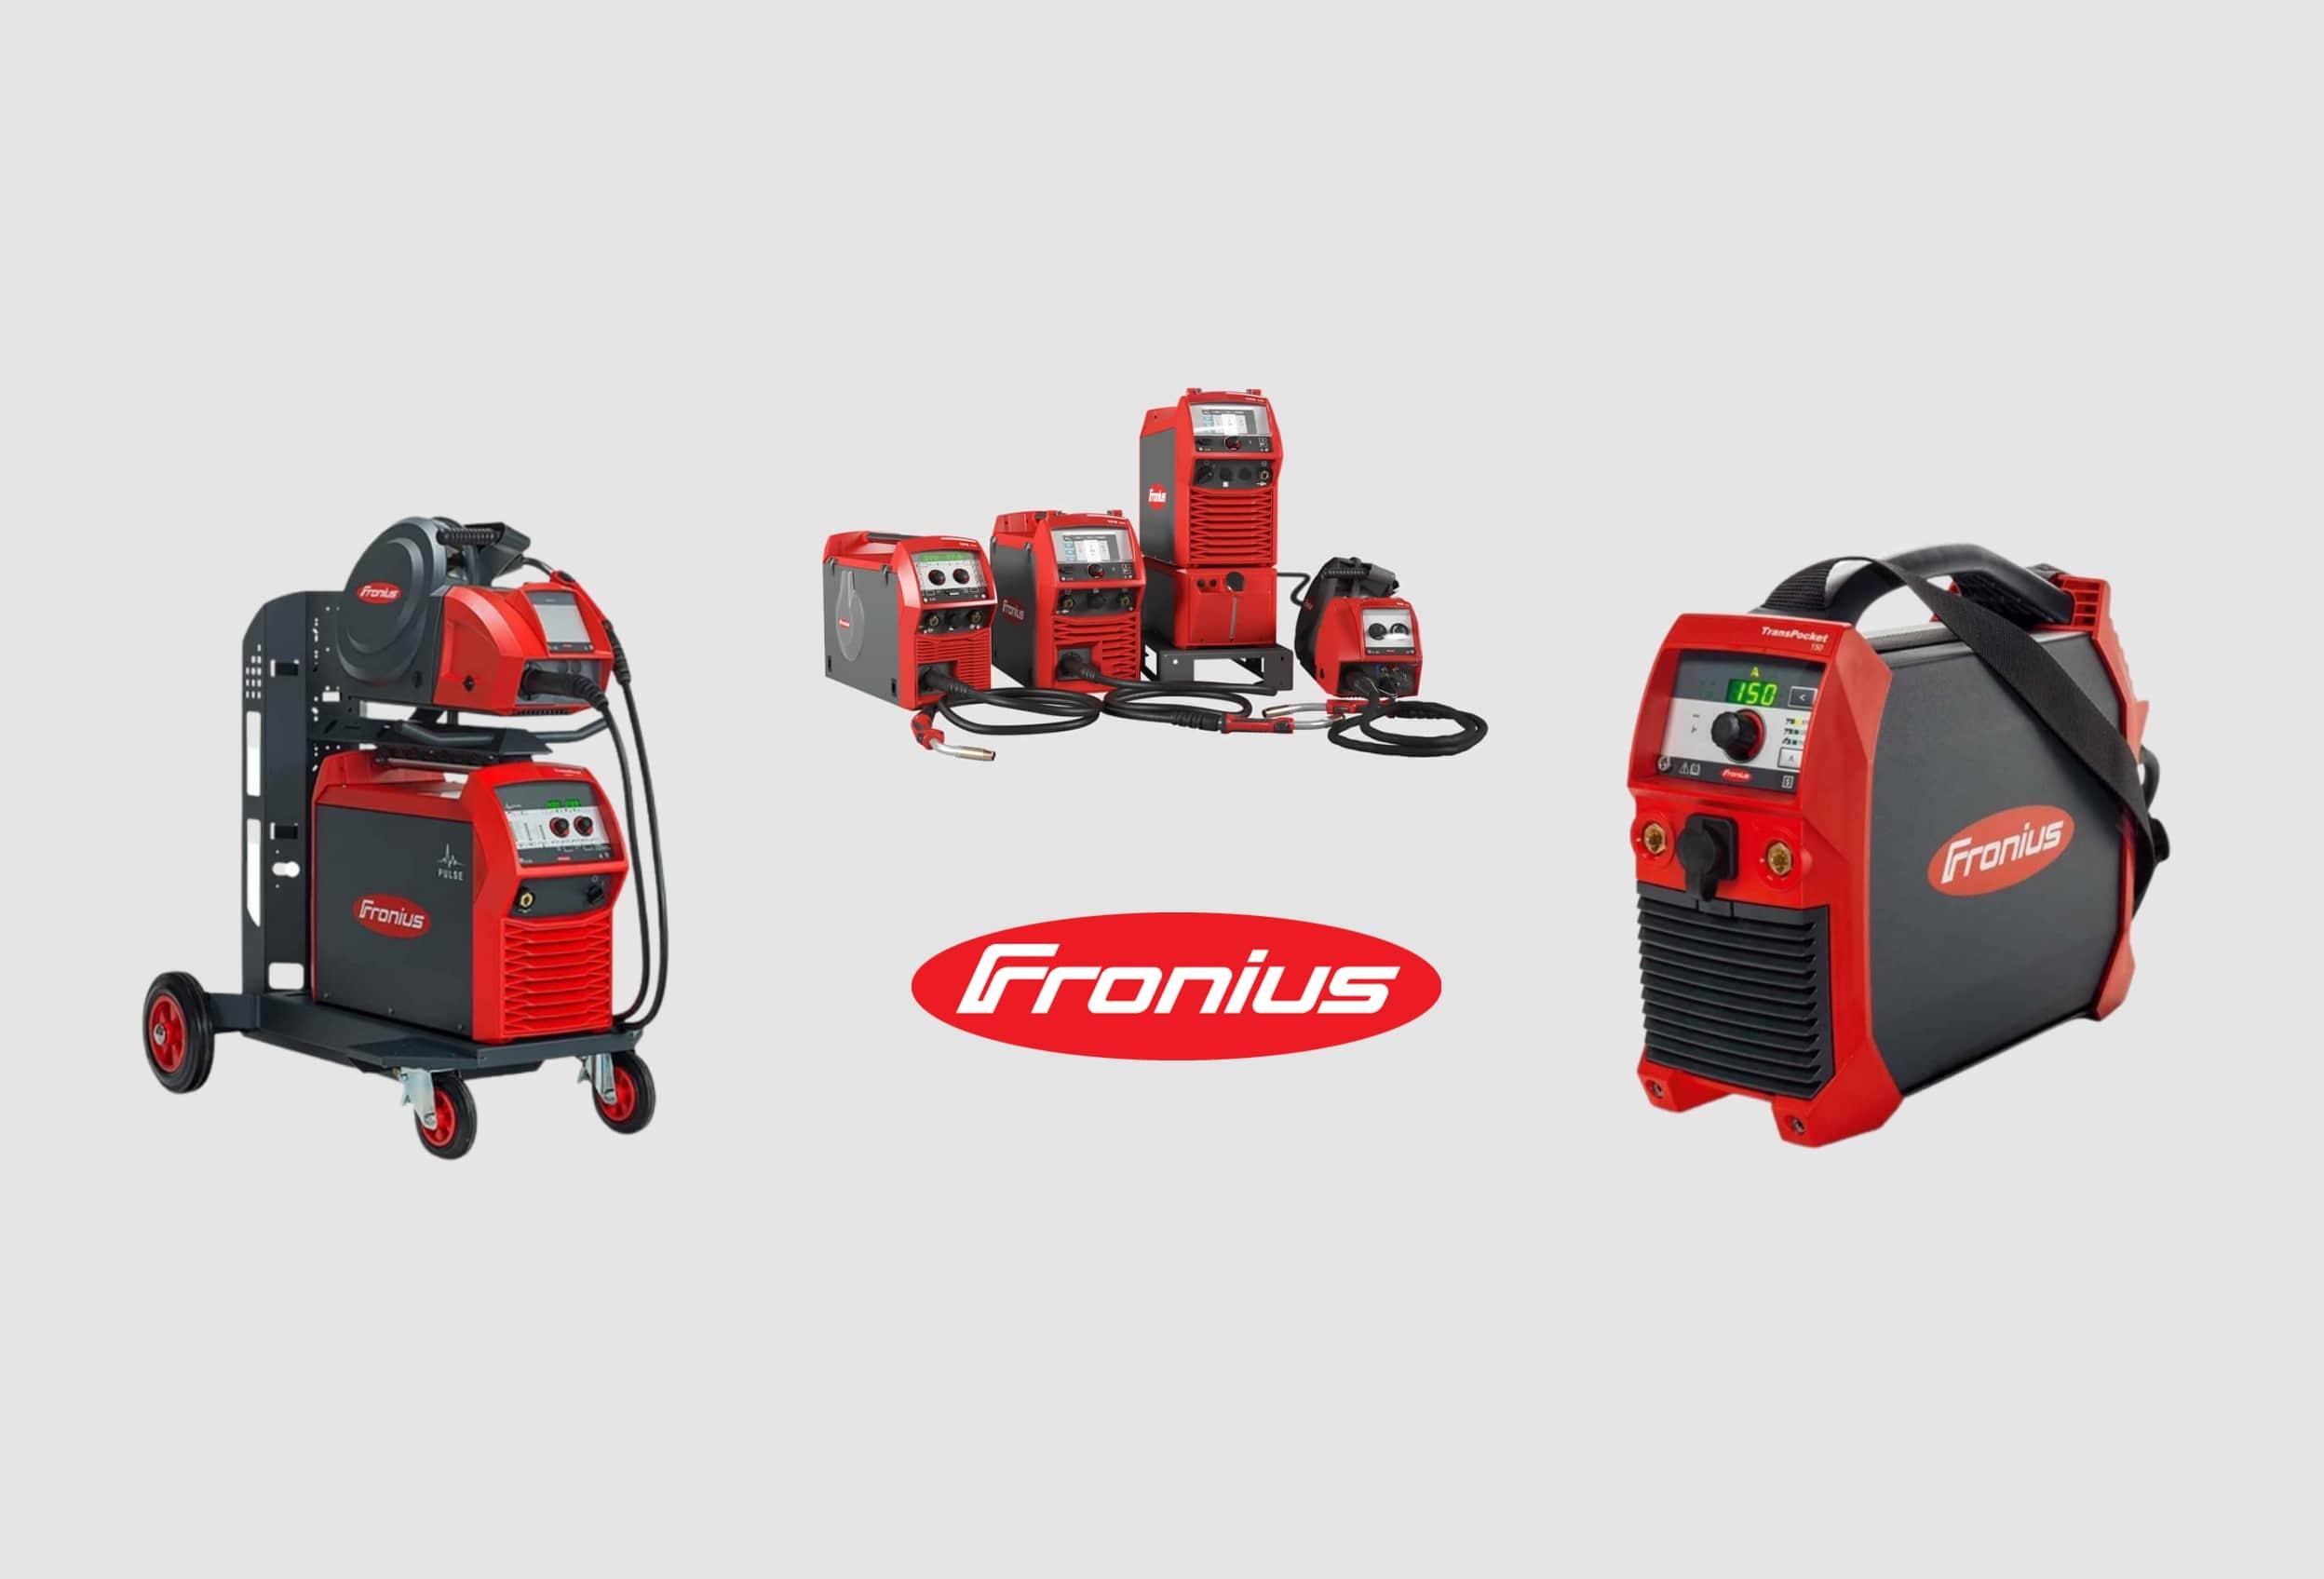 fronius-soudage